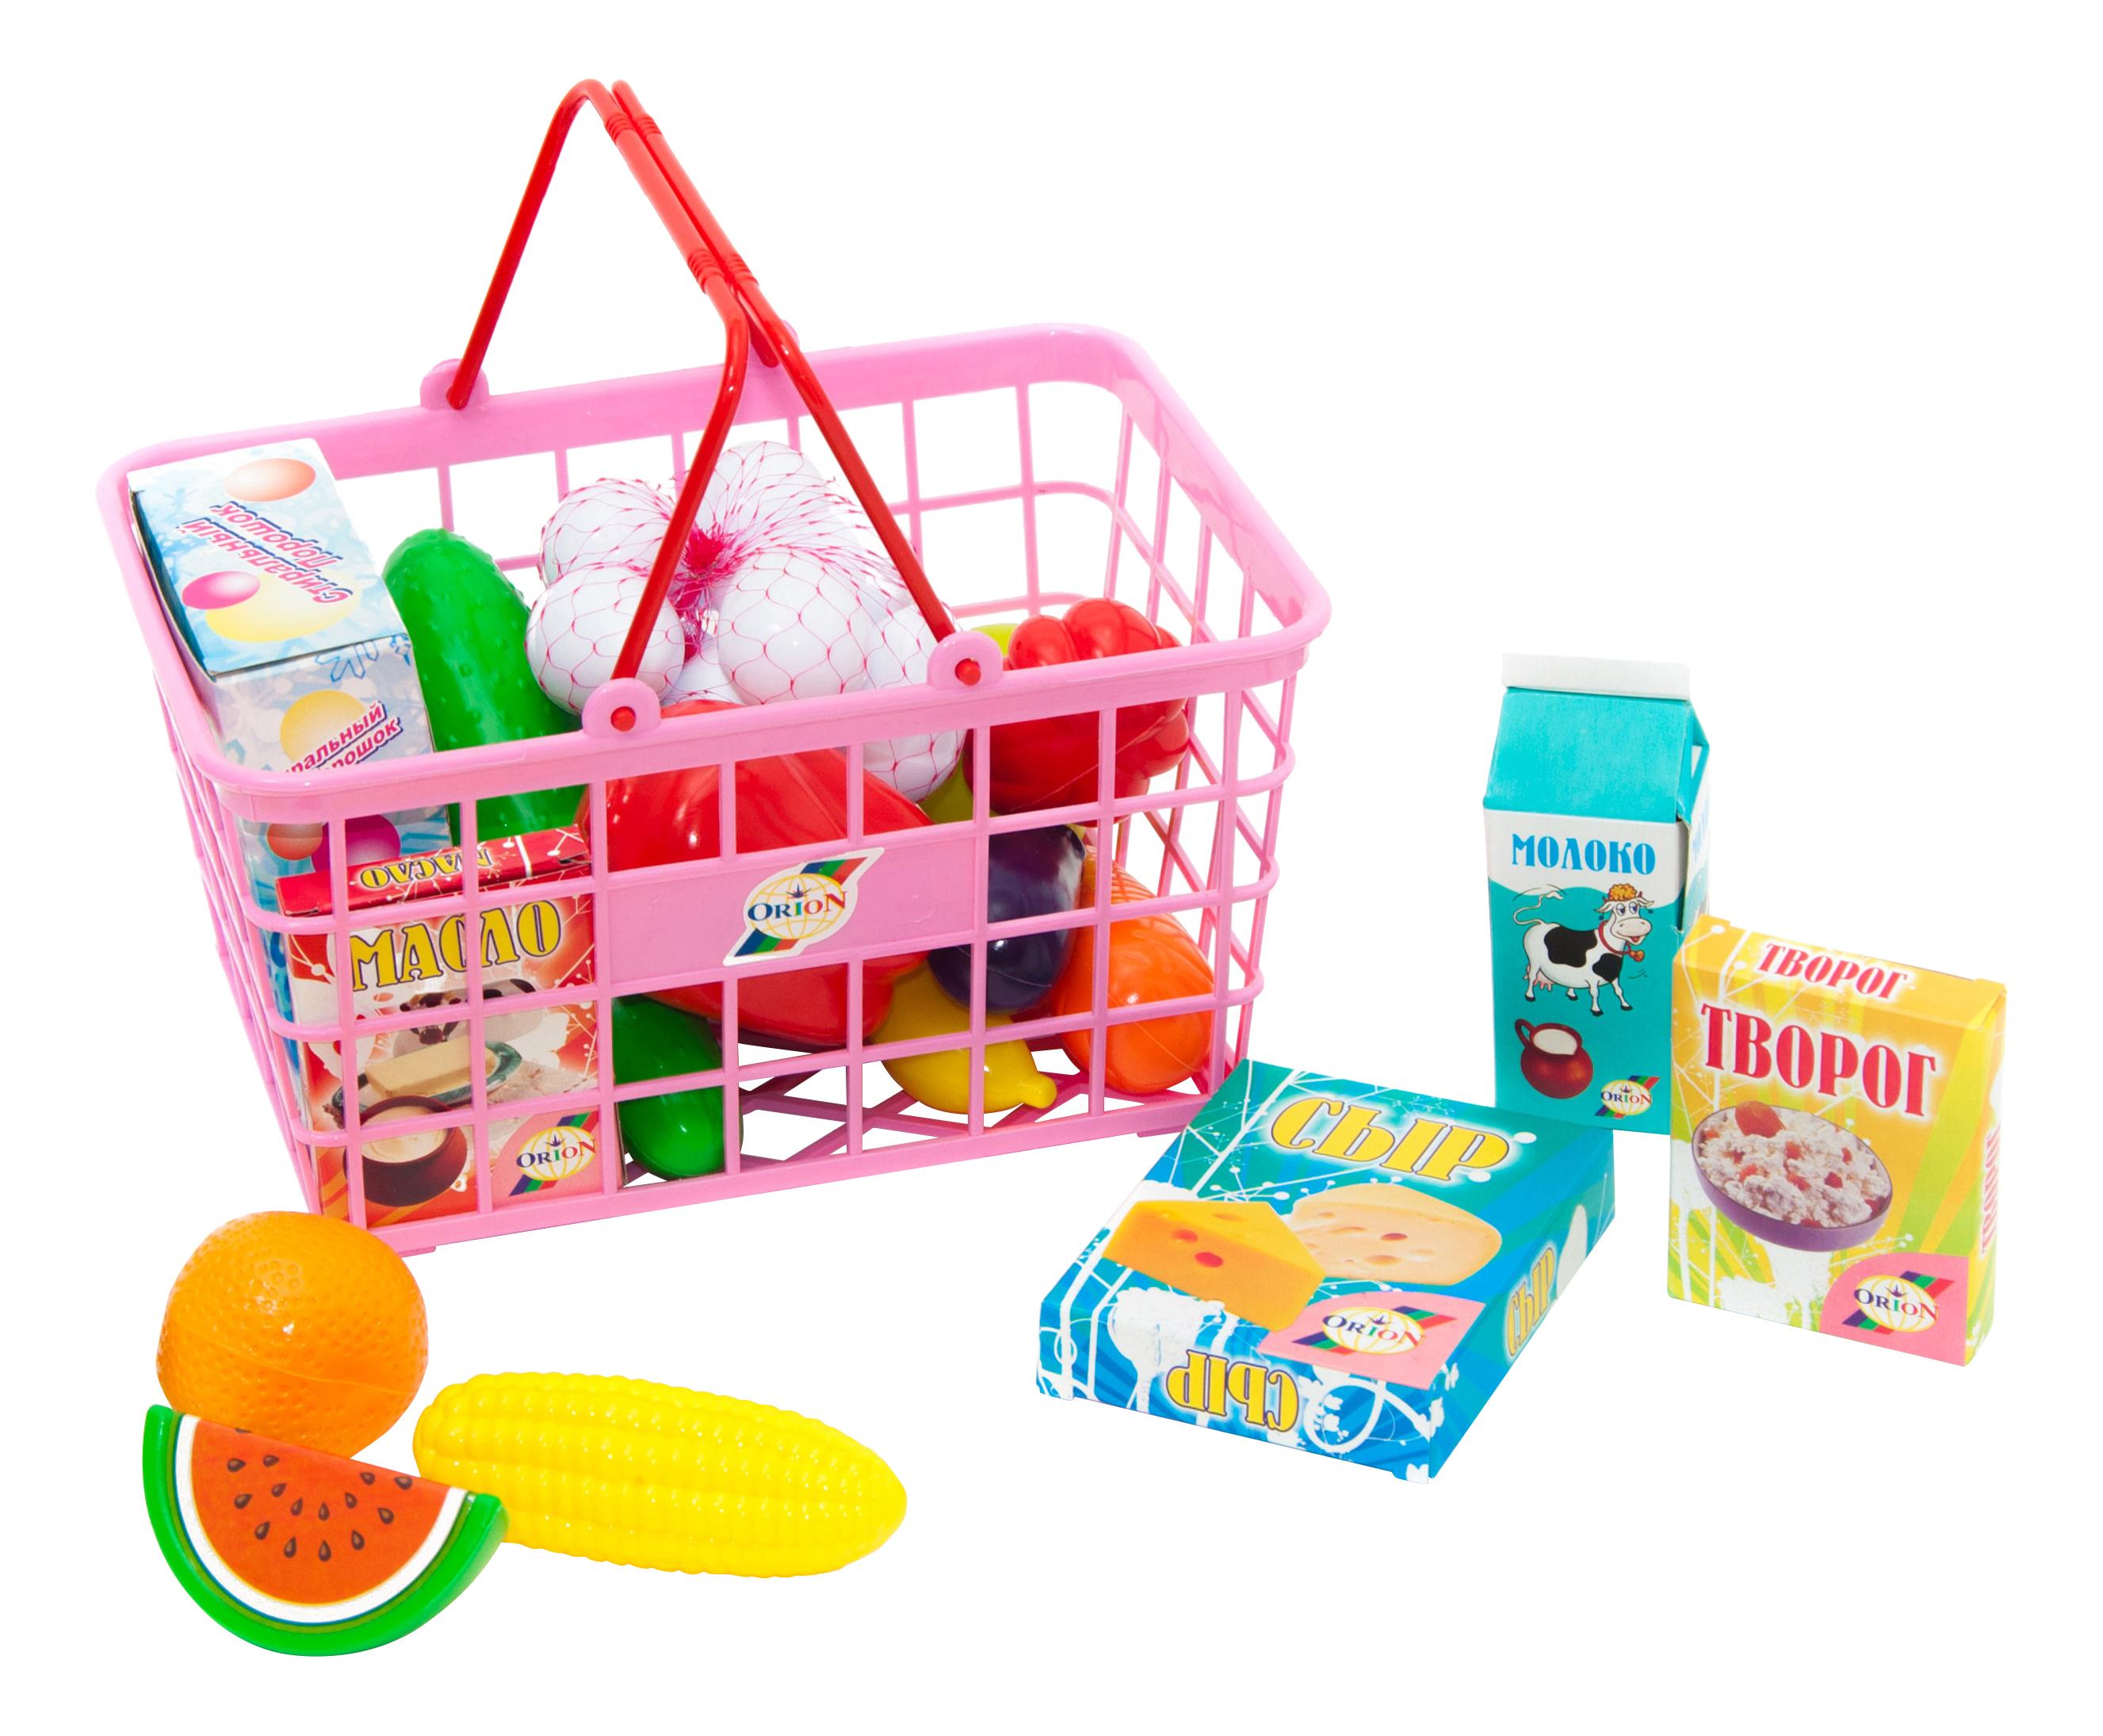 Купить Пикник, Набор продуктов игрушечный Orion Toys 379в4, Игрушечные продукты